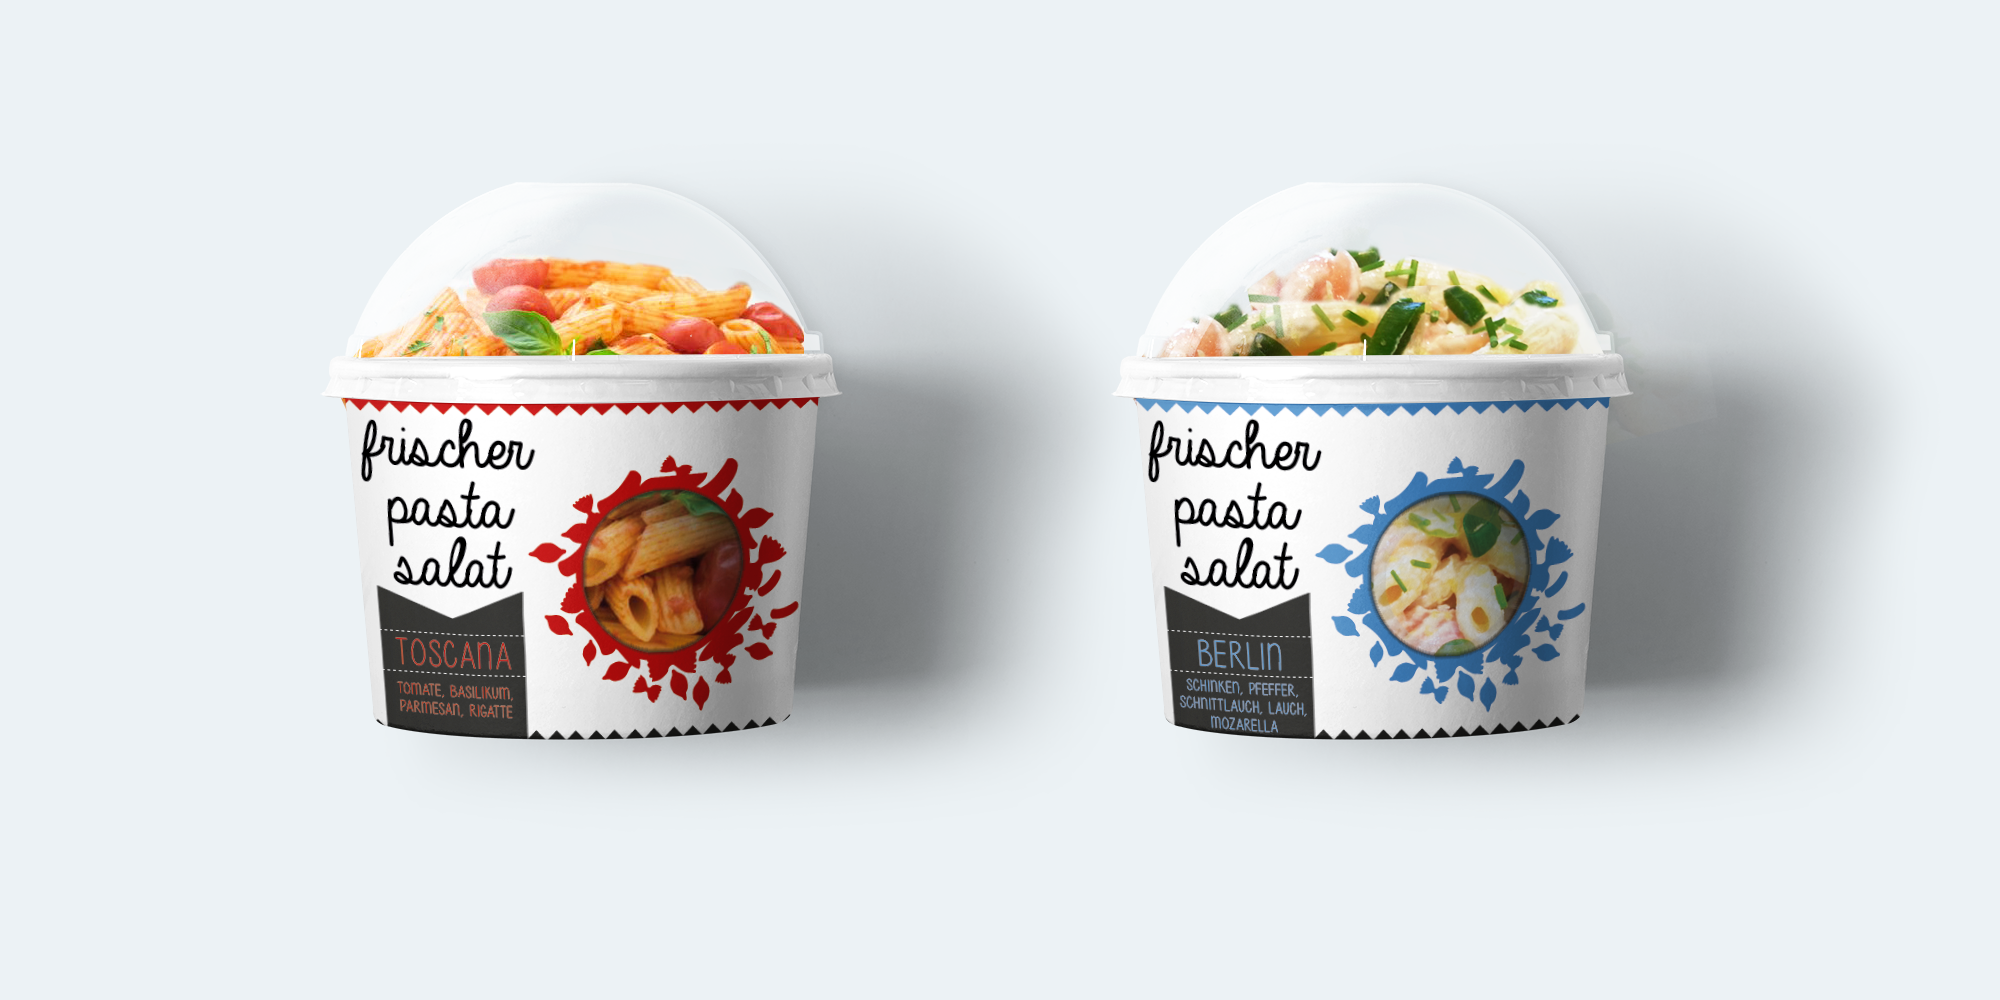 Pasta Salat Branding Packaging